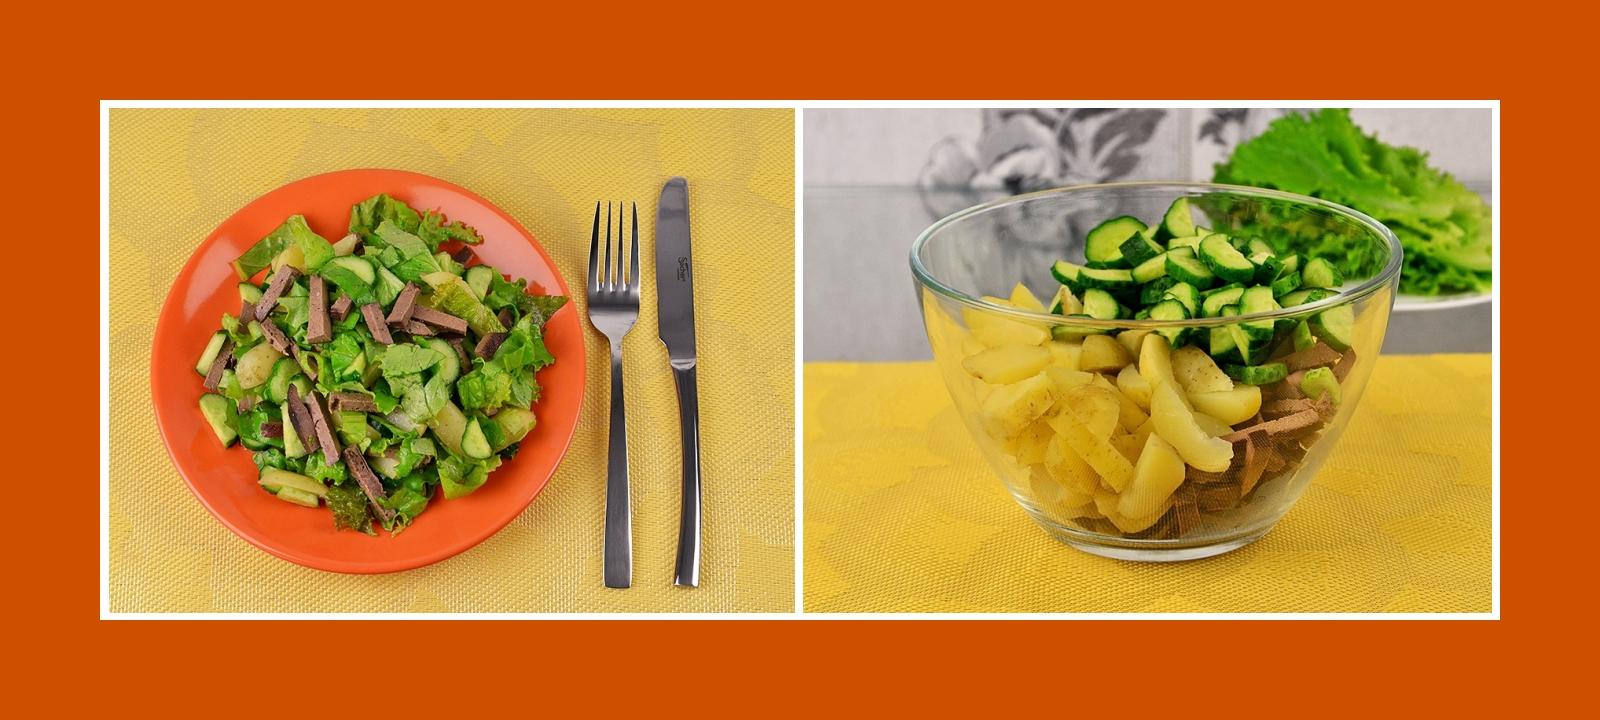 Kartoffelsalat mit Gurken und gegarter Leber